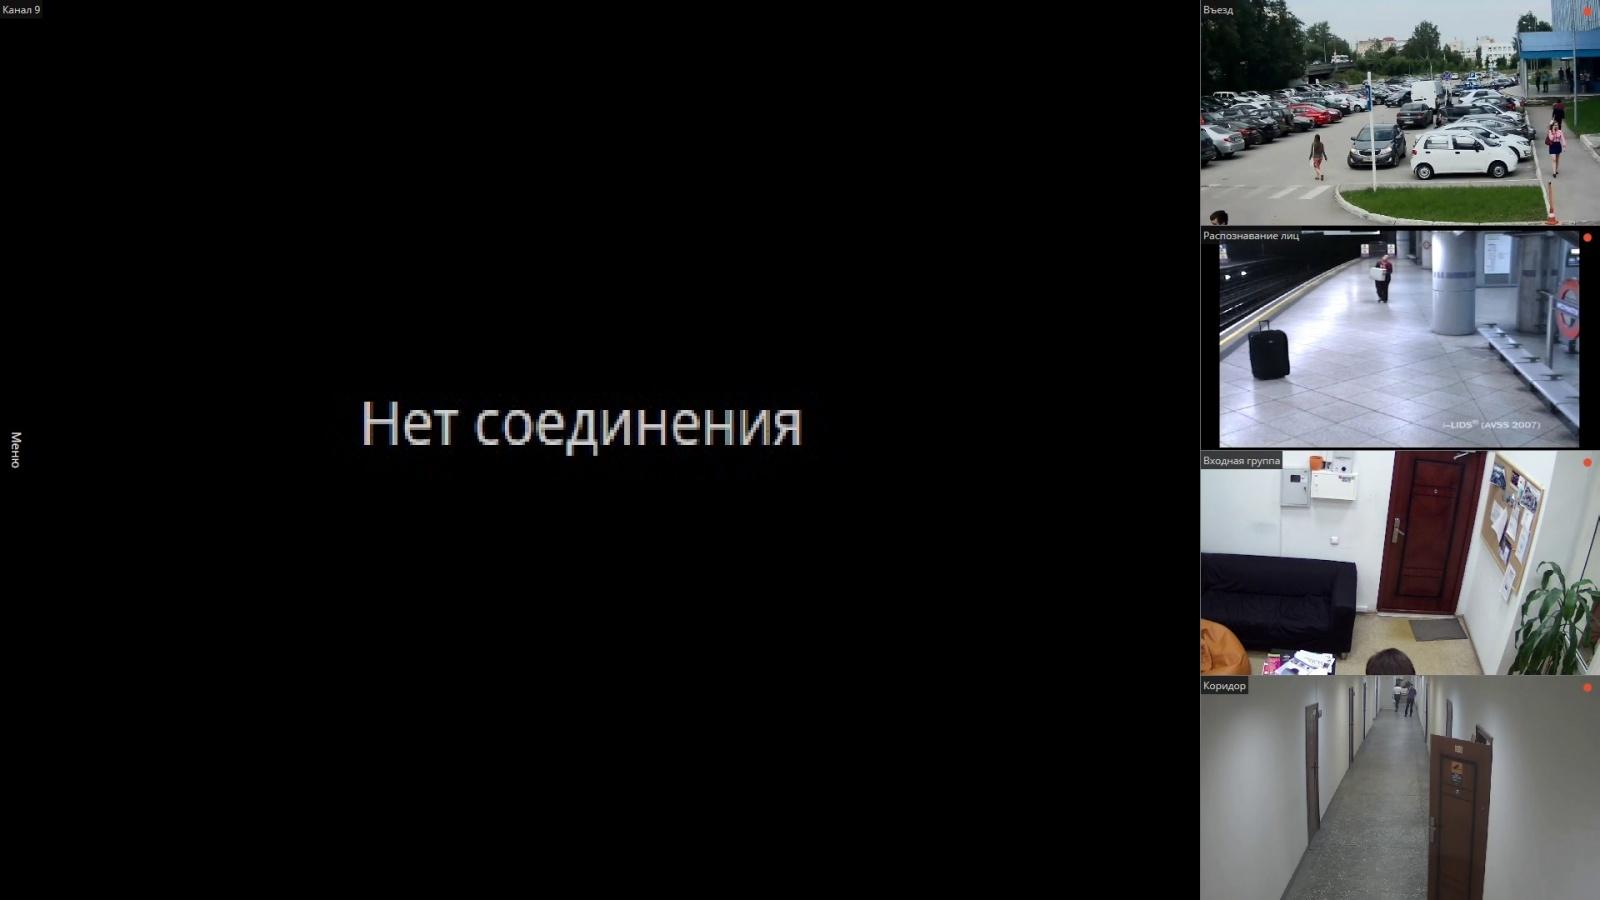 Улучшаем работу системы видеонаблюдения и предотвращаем сбои - 1